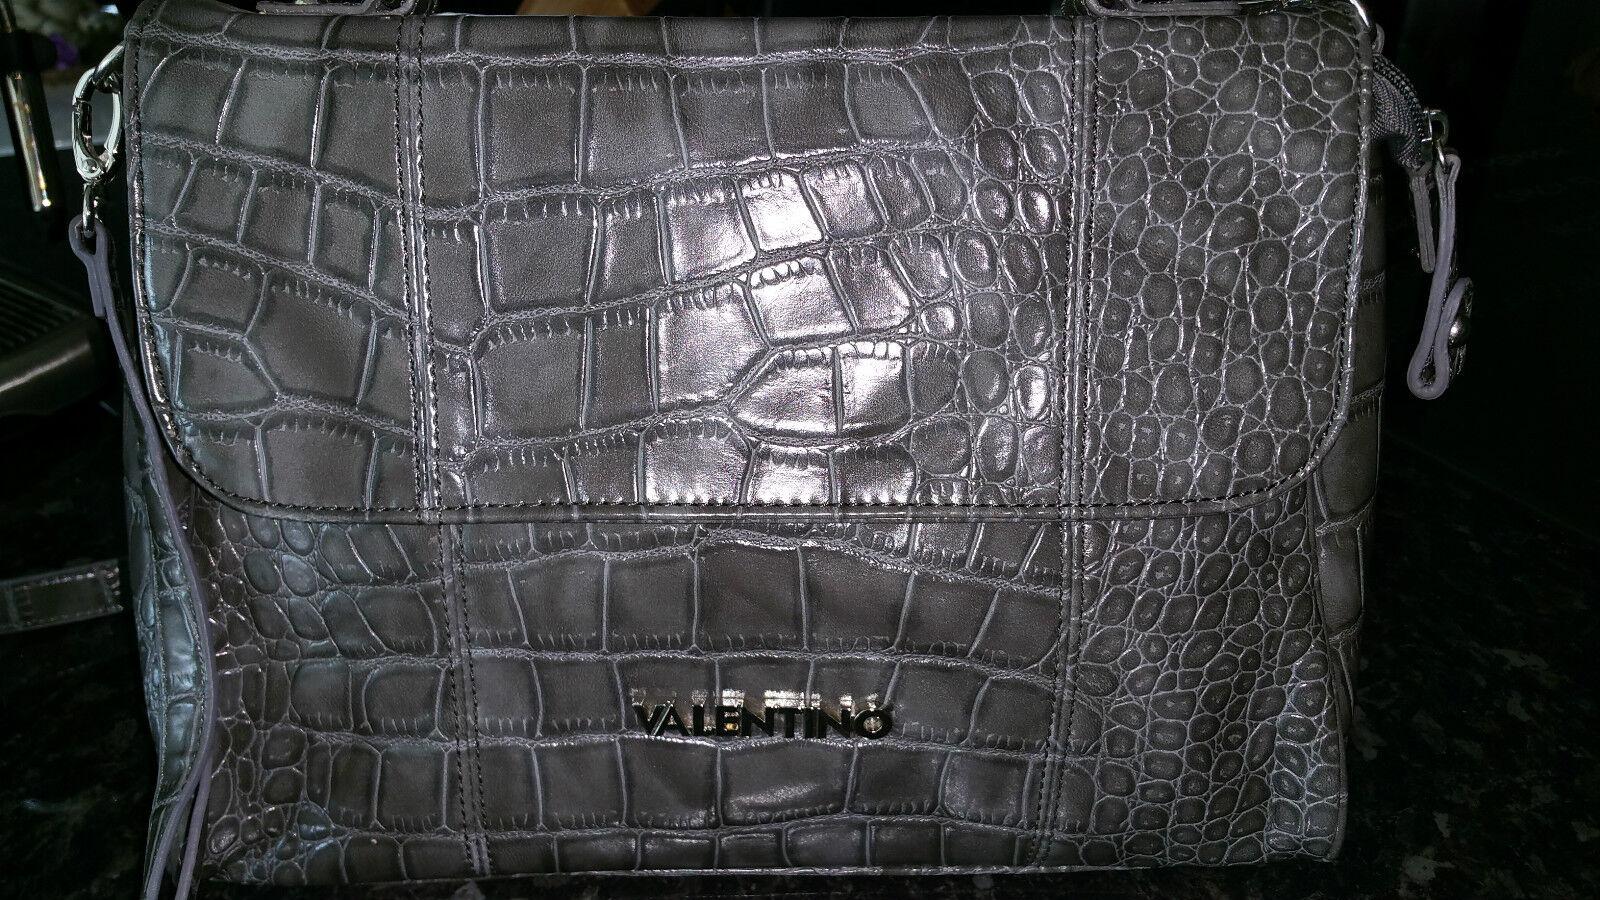 Valentino Designertasche     | Angenehmes Aussehen  | Günstige Preise  | Elegantes und robustes Menü